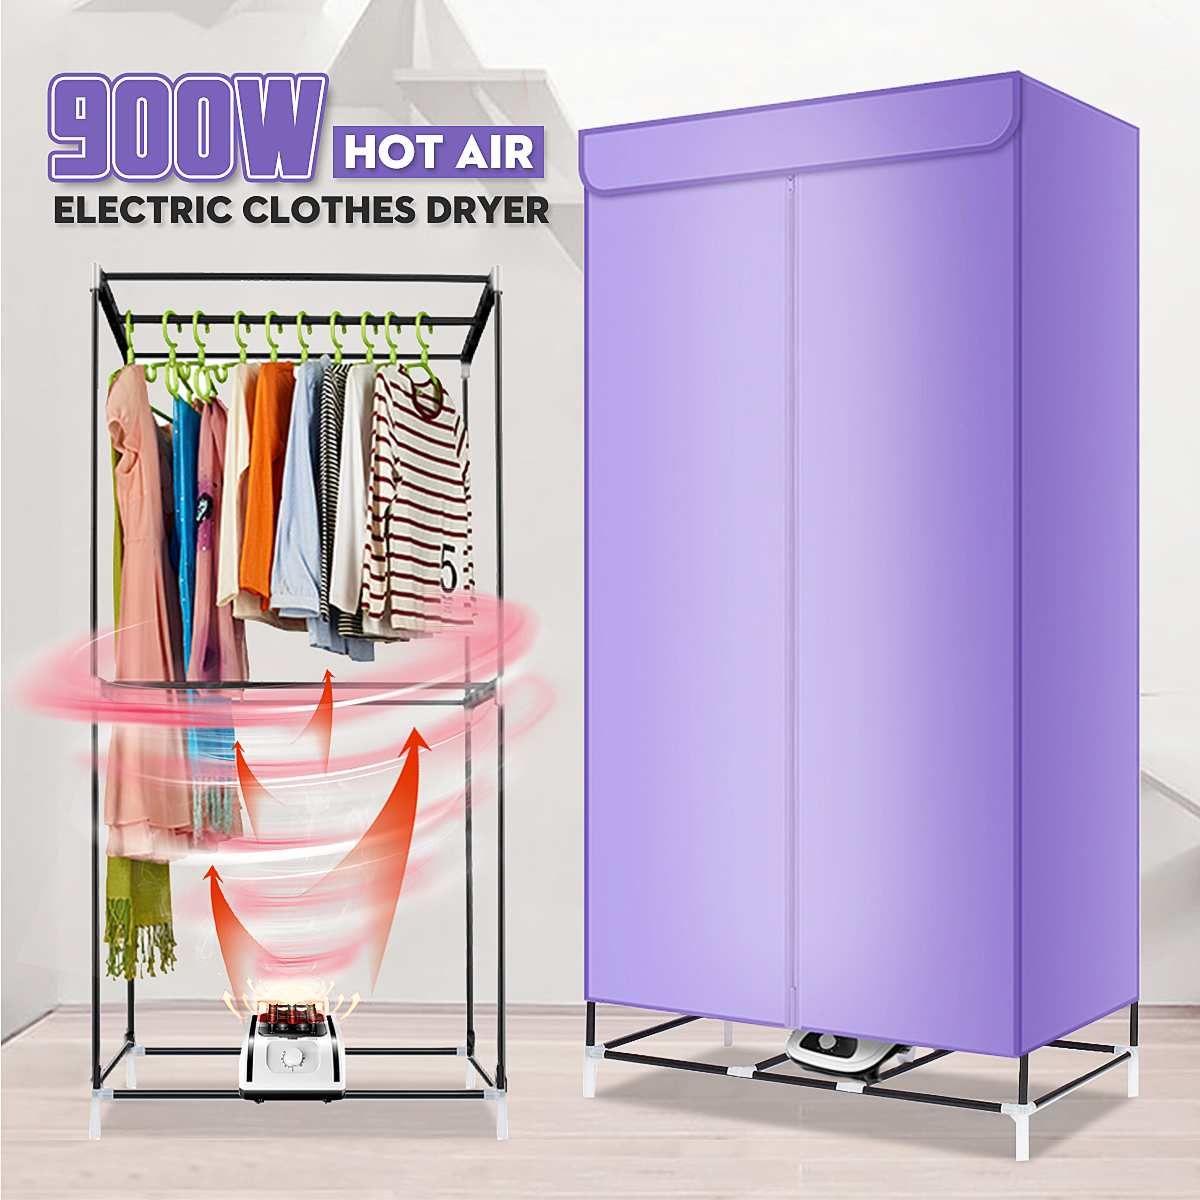 900 W 220 V Elektrische Tuch Trockner Haushalt Tragbare Baby Tuch Schuhe Stiefel Trockner Power Motor Trocknen Warme wWnd Wäsche kleidungsstück